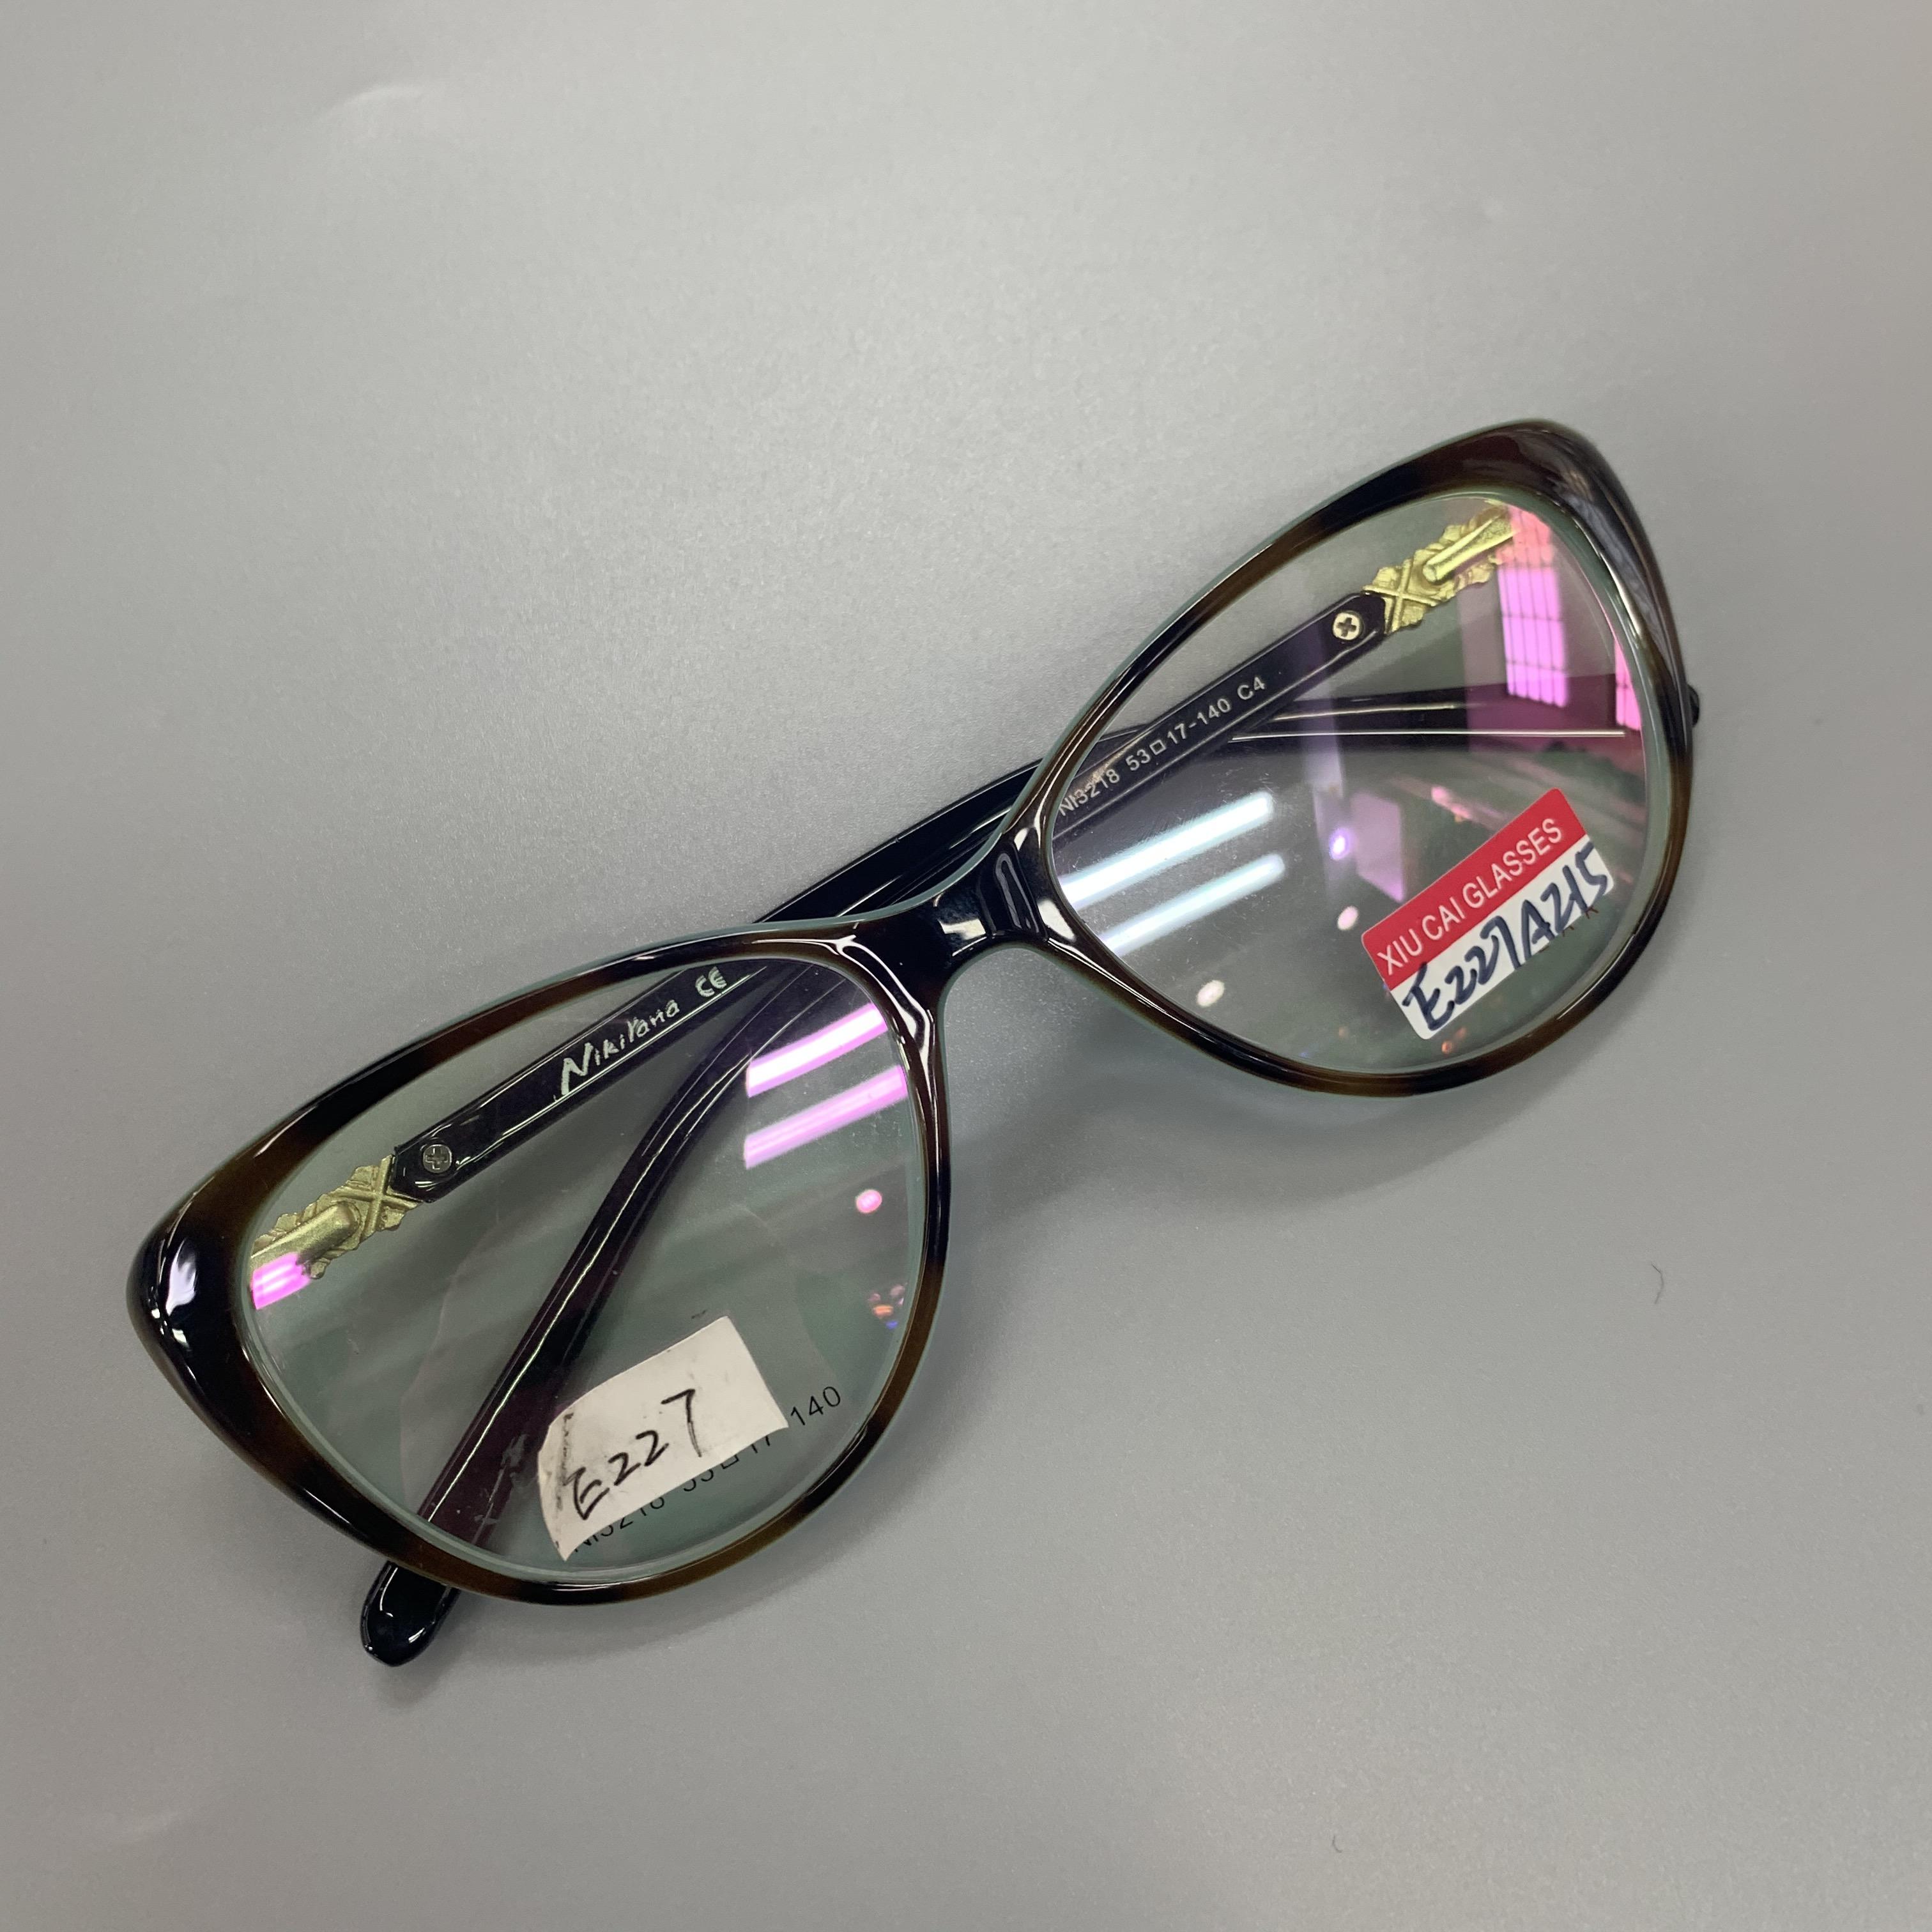 平光镜防蓝光辐射眼镜女近视抗疲劳眼睛大圆框防蓝光辐射眼镜